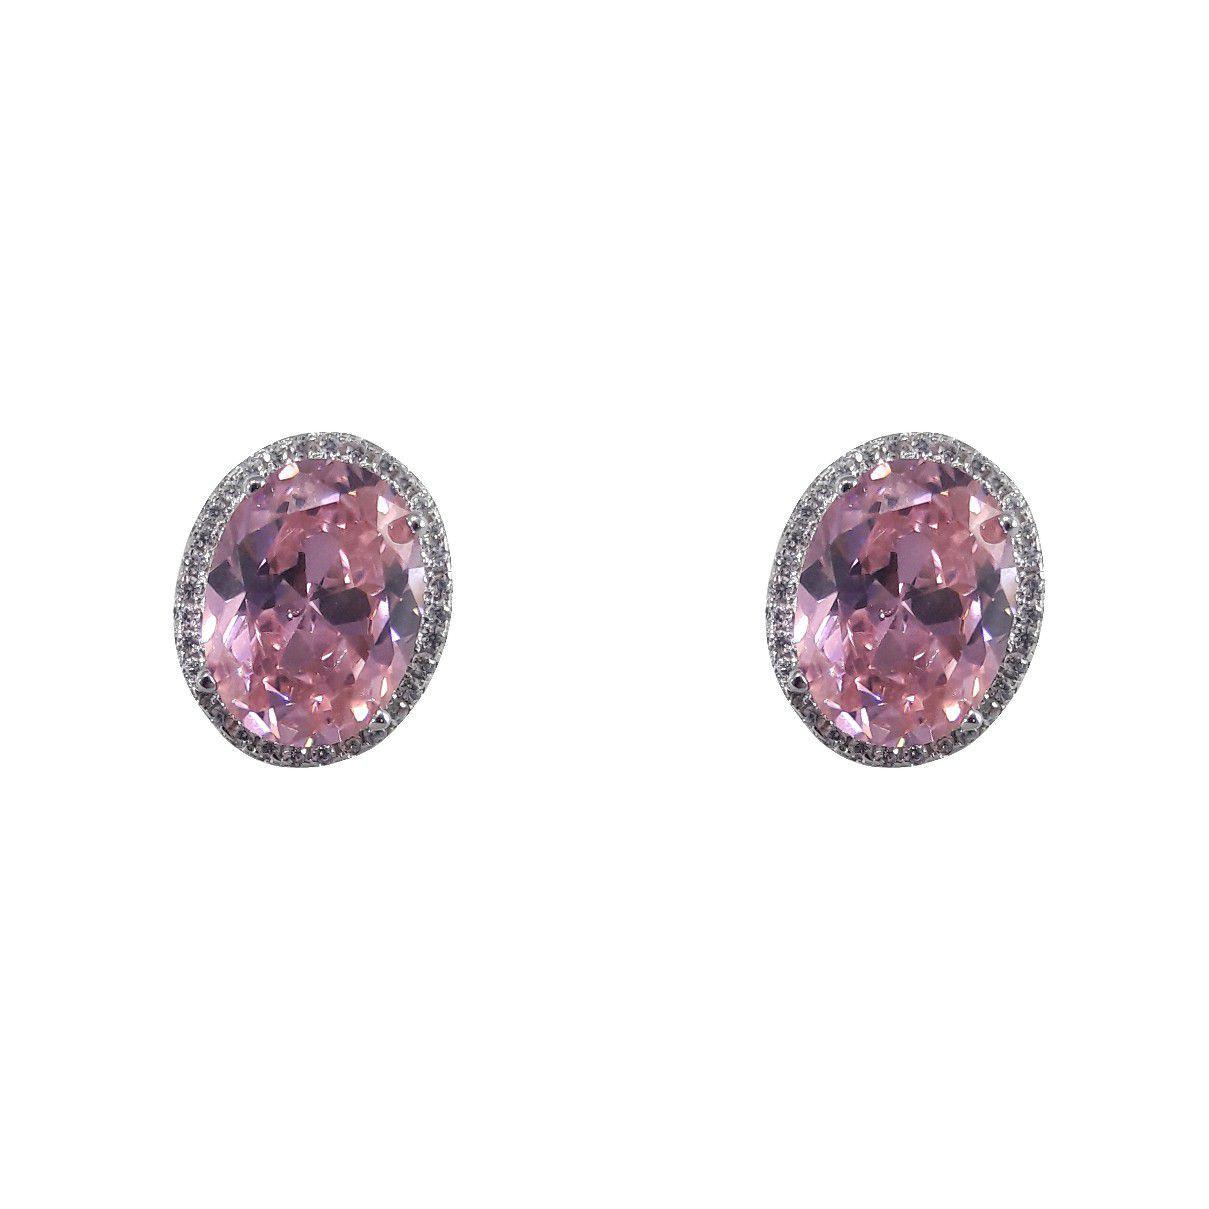 Brinco Oval Zircônia Rosa E Cristal em Prata 925